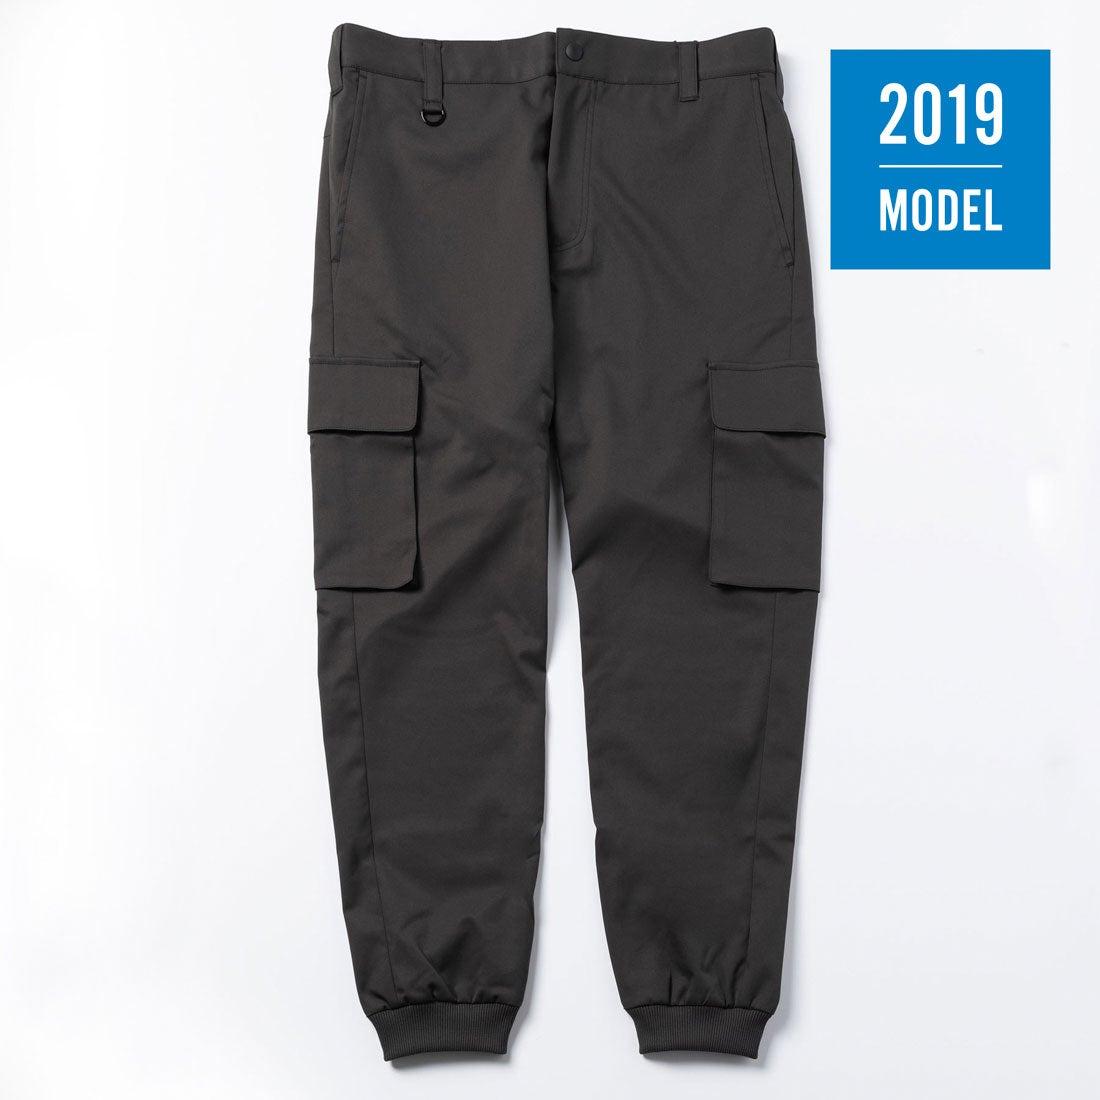 【2019年モデル】メンズ リブカーゴパンツ(スチールグレー)